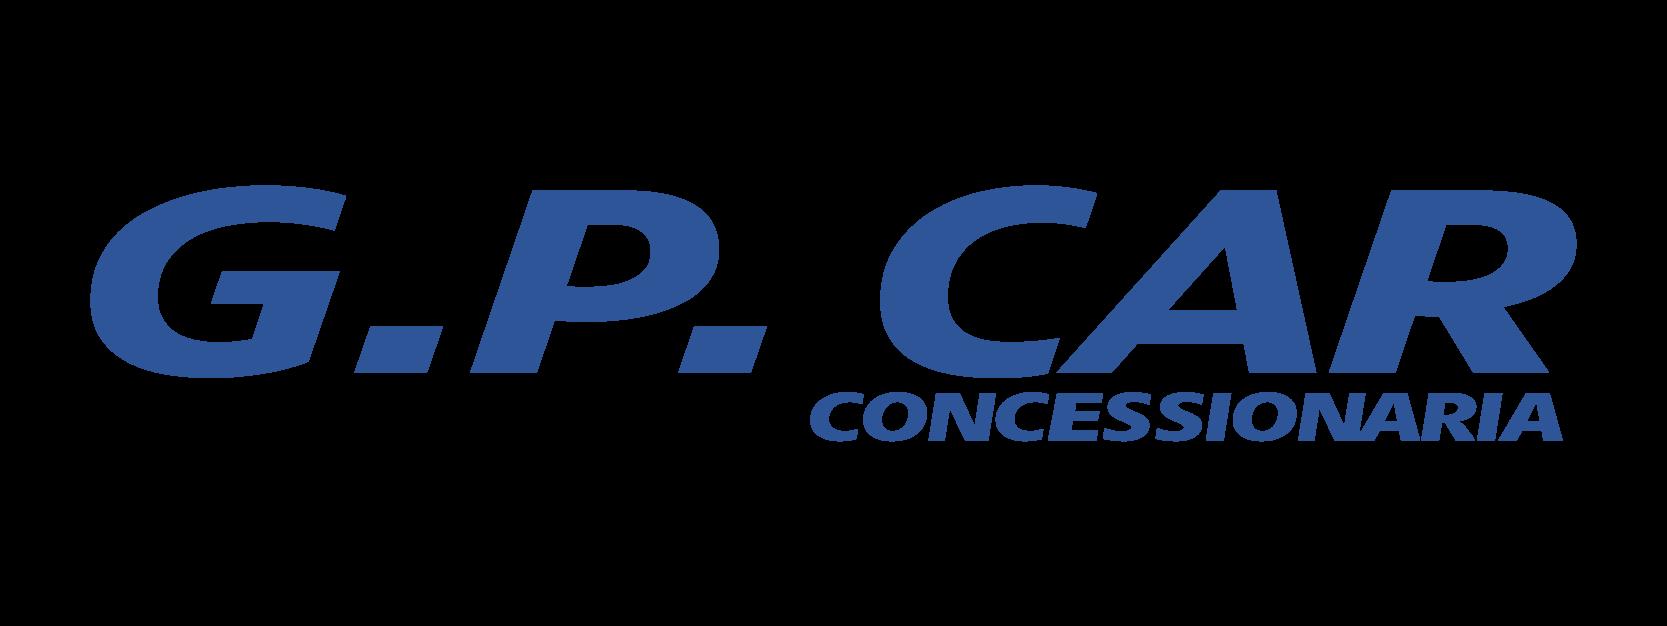 SPL_GPCAR